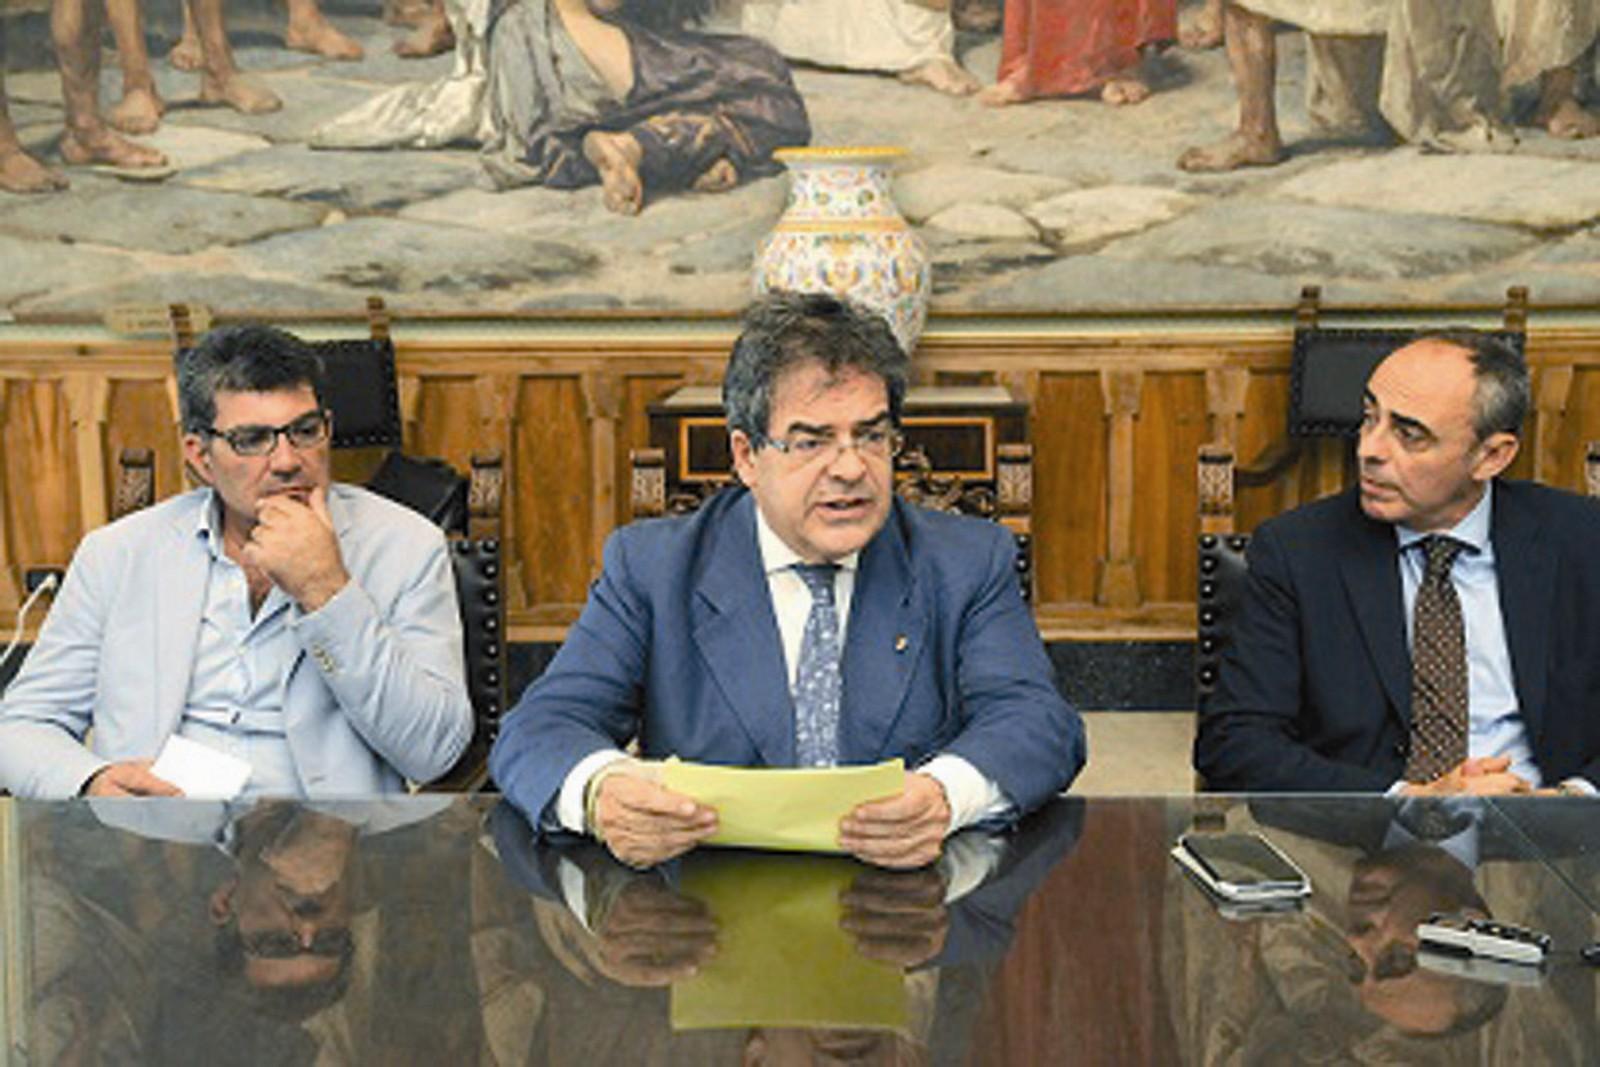 Comune di Catania, chiesto il piano di rientro dalla Corte dei Conti$